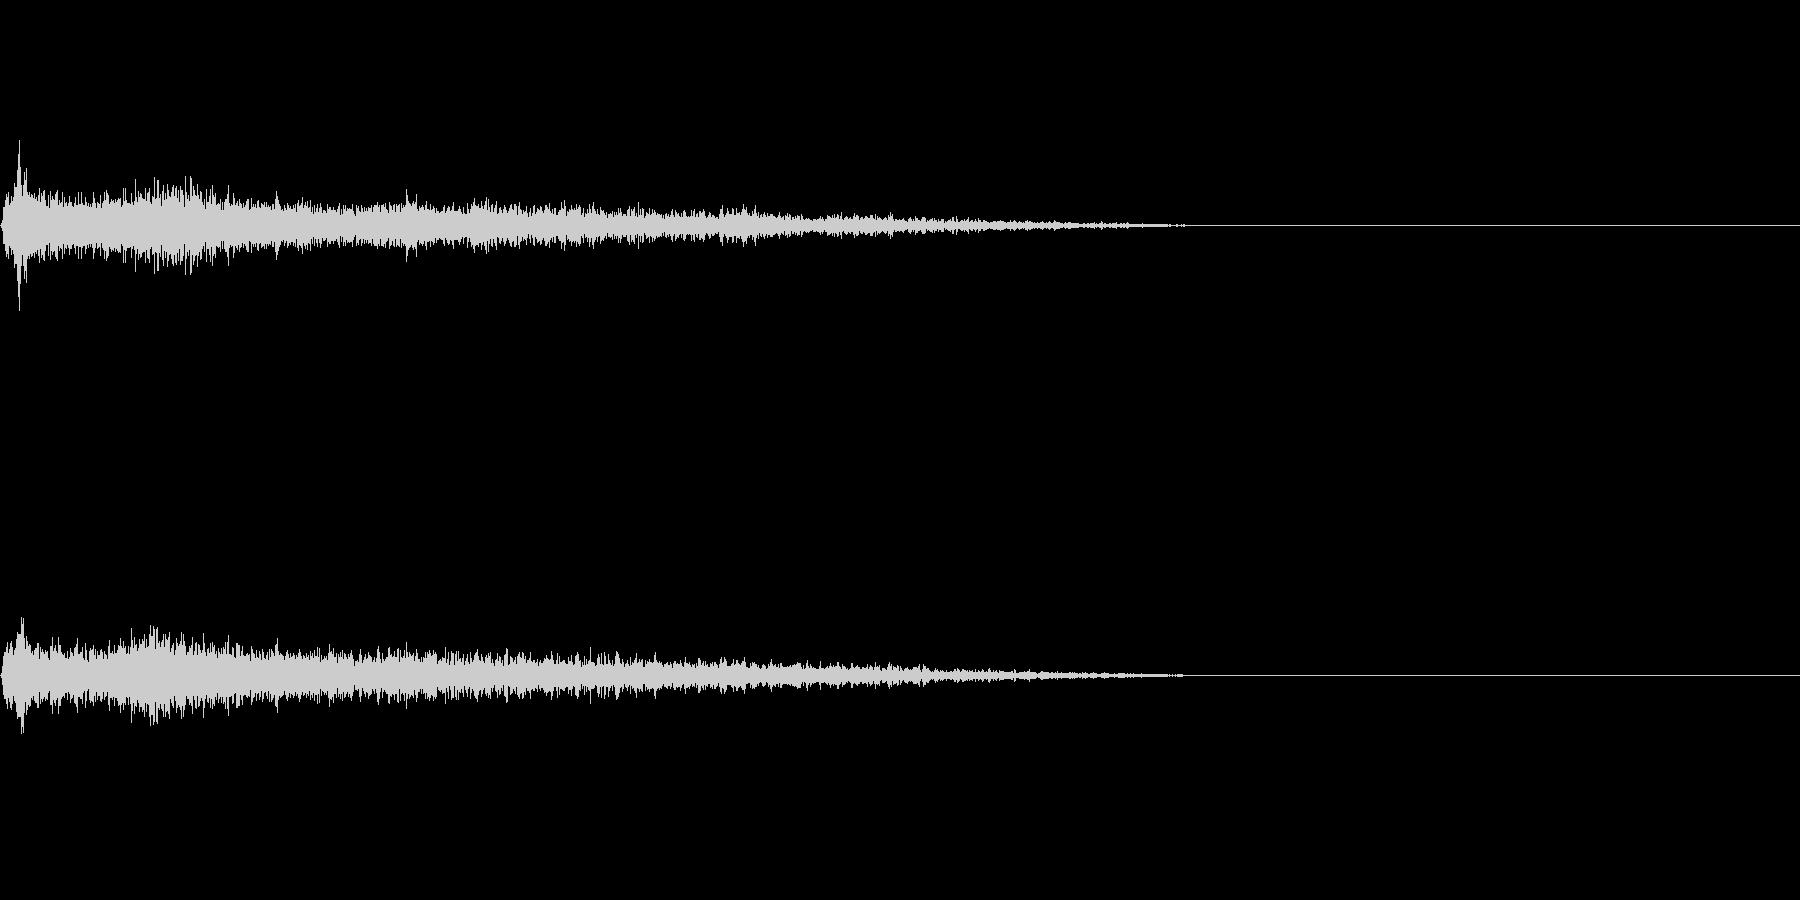 Cメジャー インパクト音 衝撃音の未再生の波形